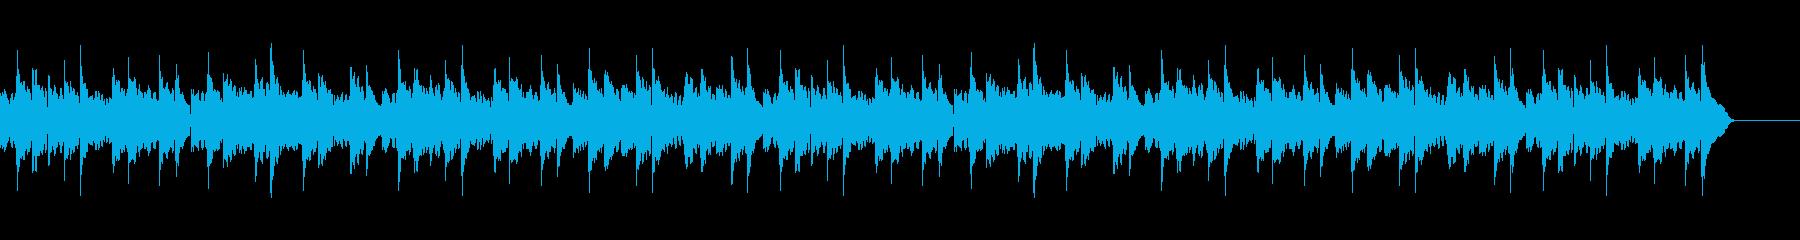 童謡 こいのぼり (カントリー風)の再生済みの波形